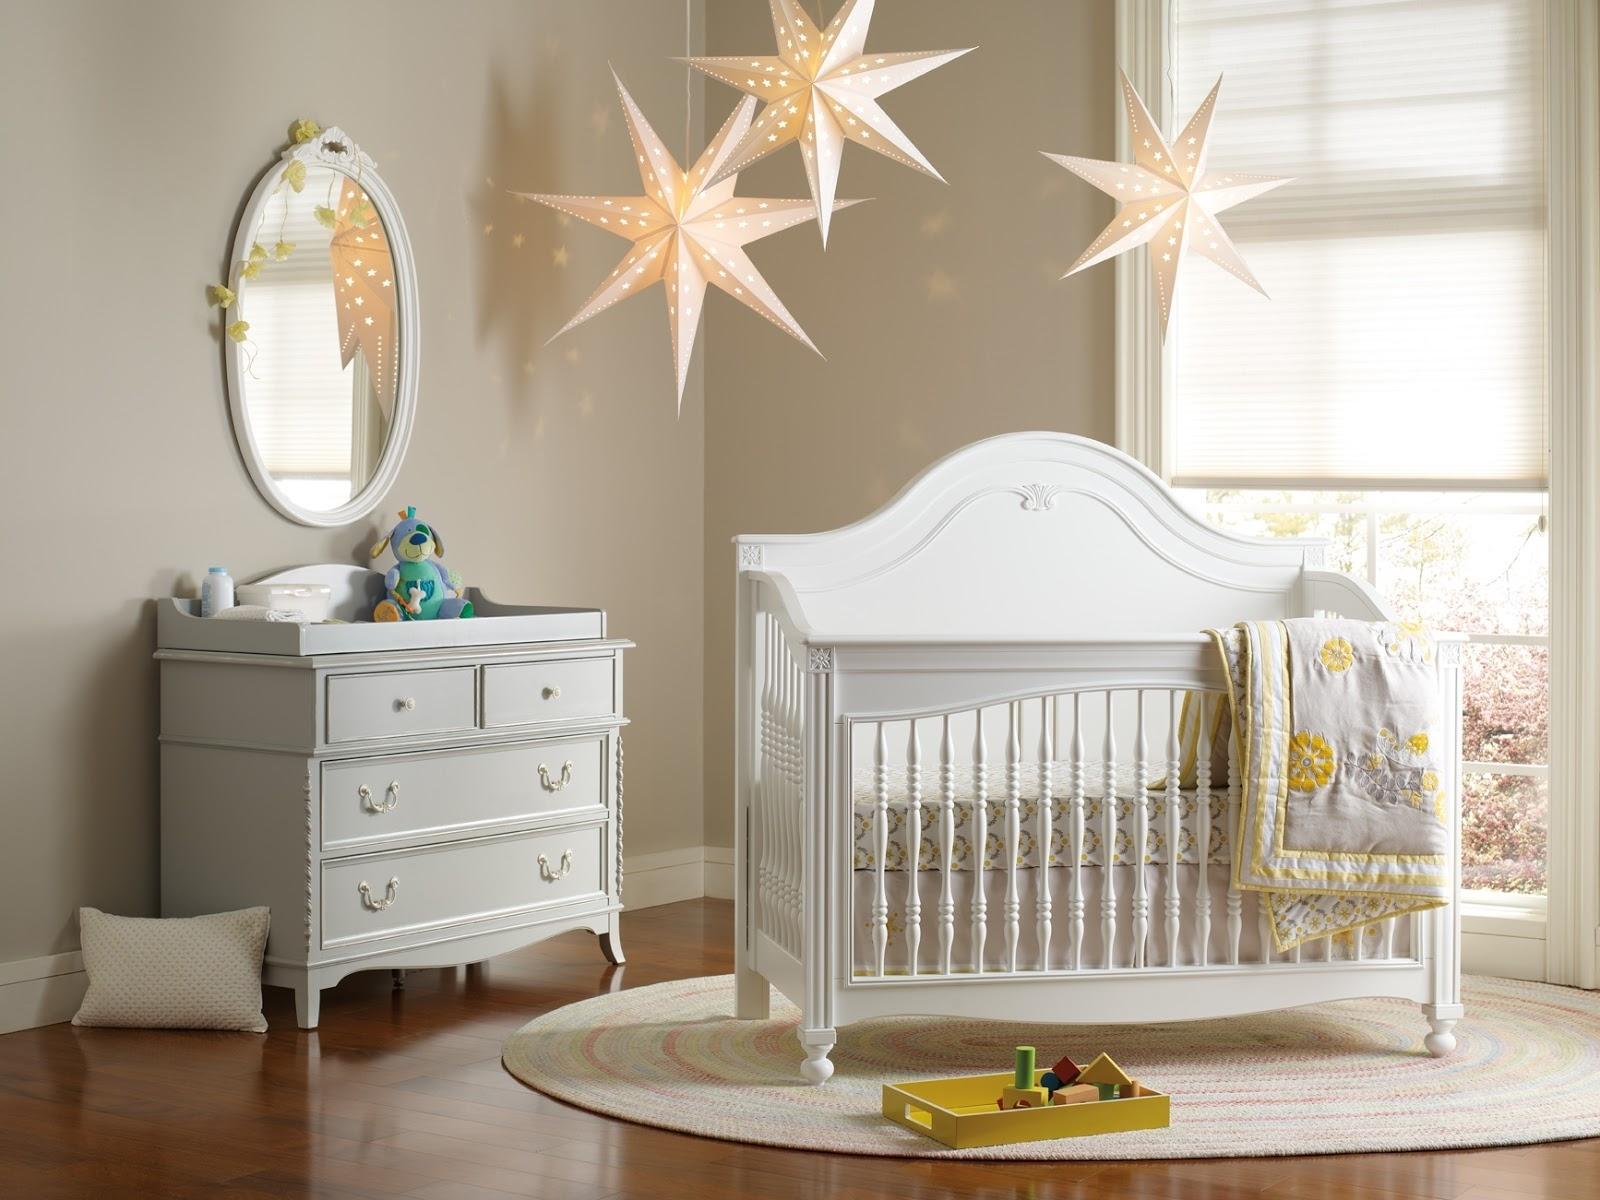 Besostyle Ba Kid Room Styling dans toute la chambre de bébé Ikea - Design Decor